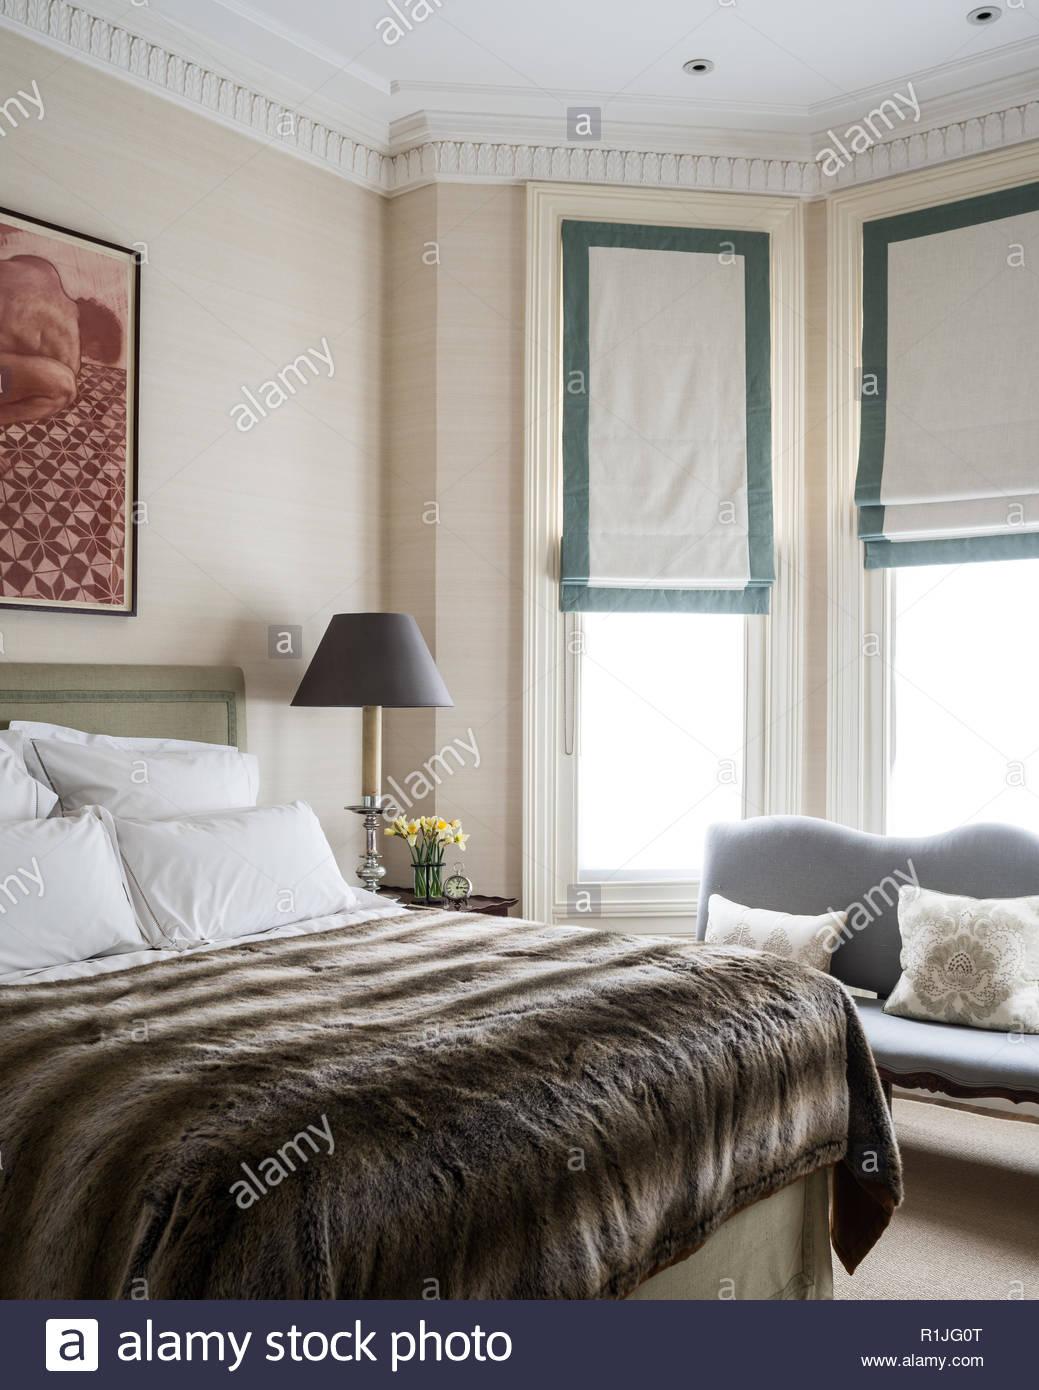 Landhausstil Schlafzimmer Fell Decke Stockfoto, Bild: 224757144 - Alamy